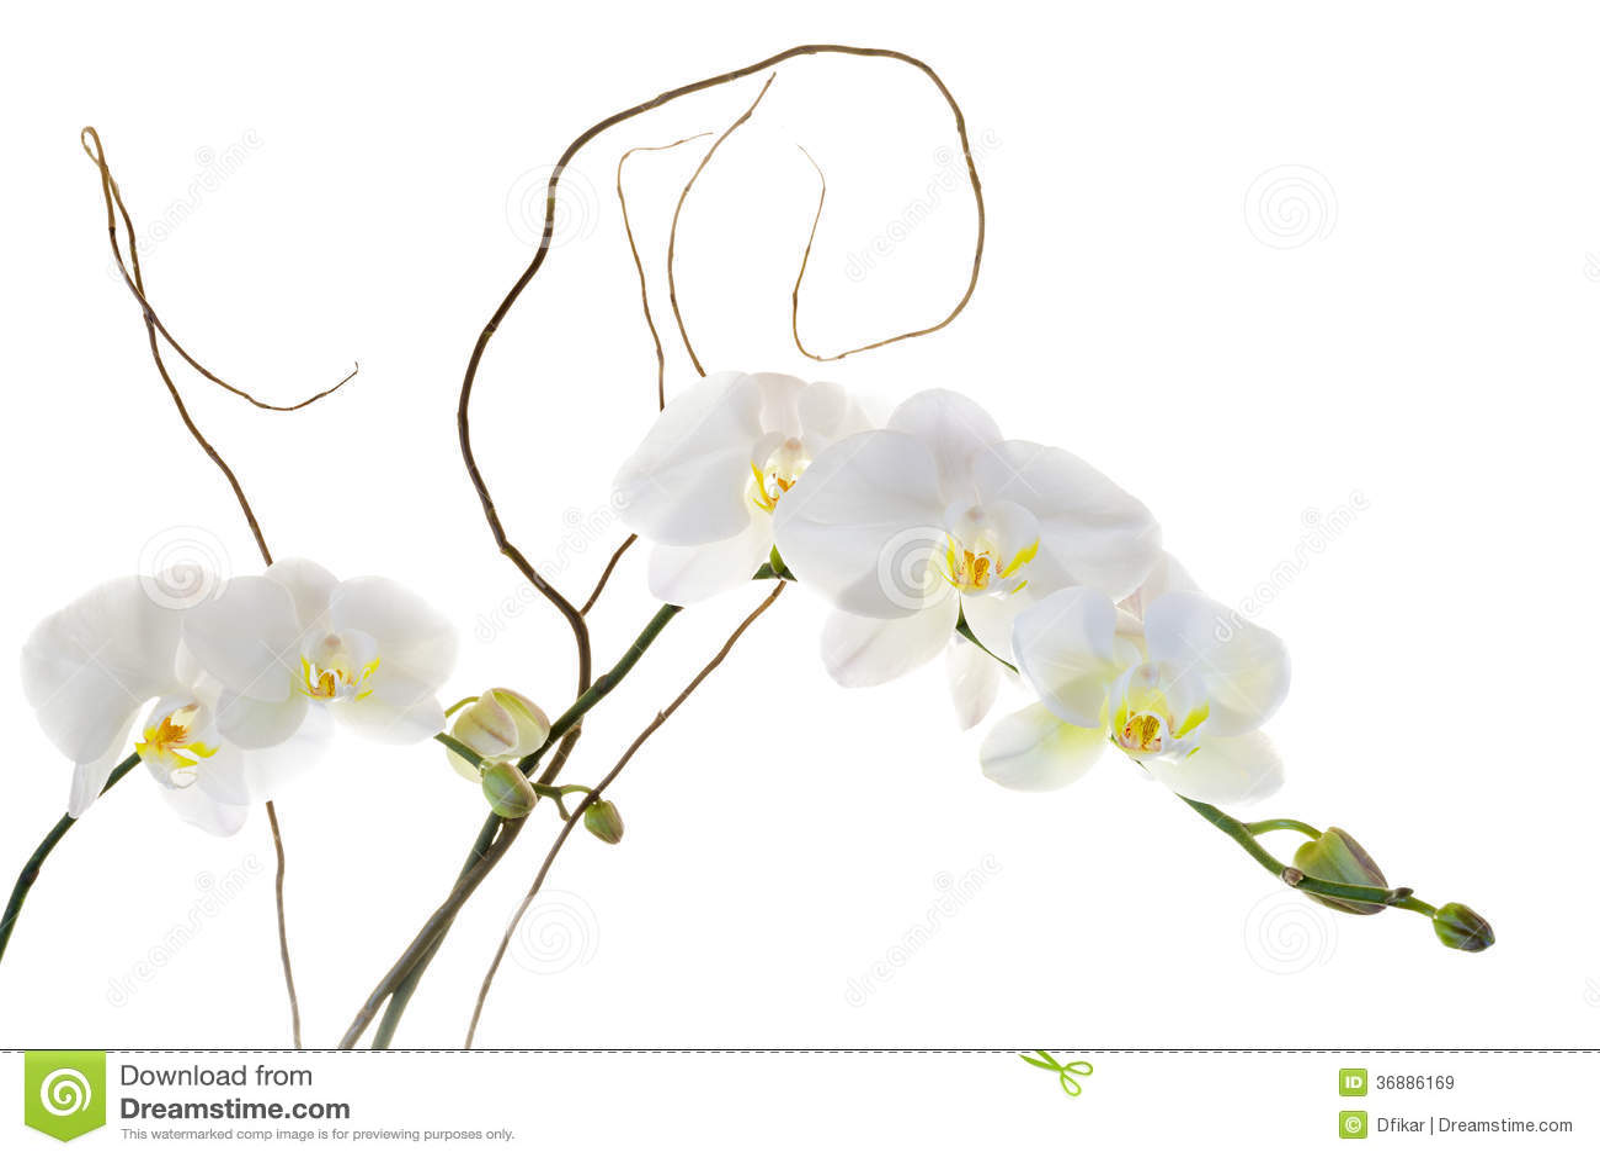 Download Orchidee bianche immagine stock. Immagine di verde, pianta - 36886169